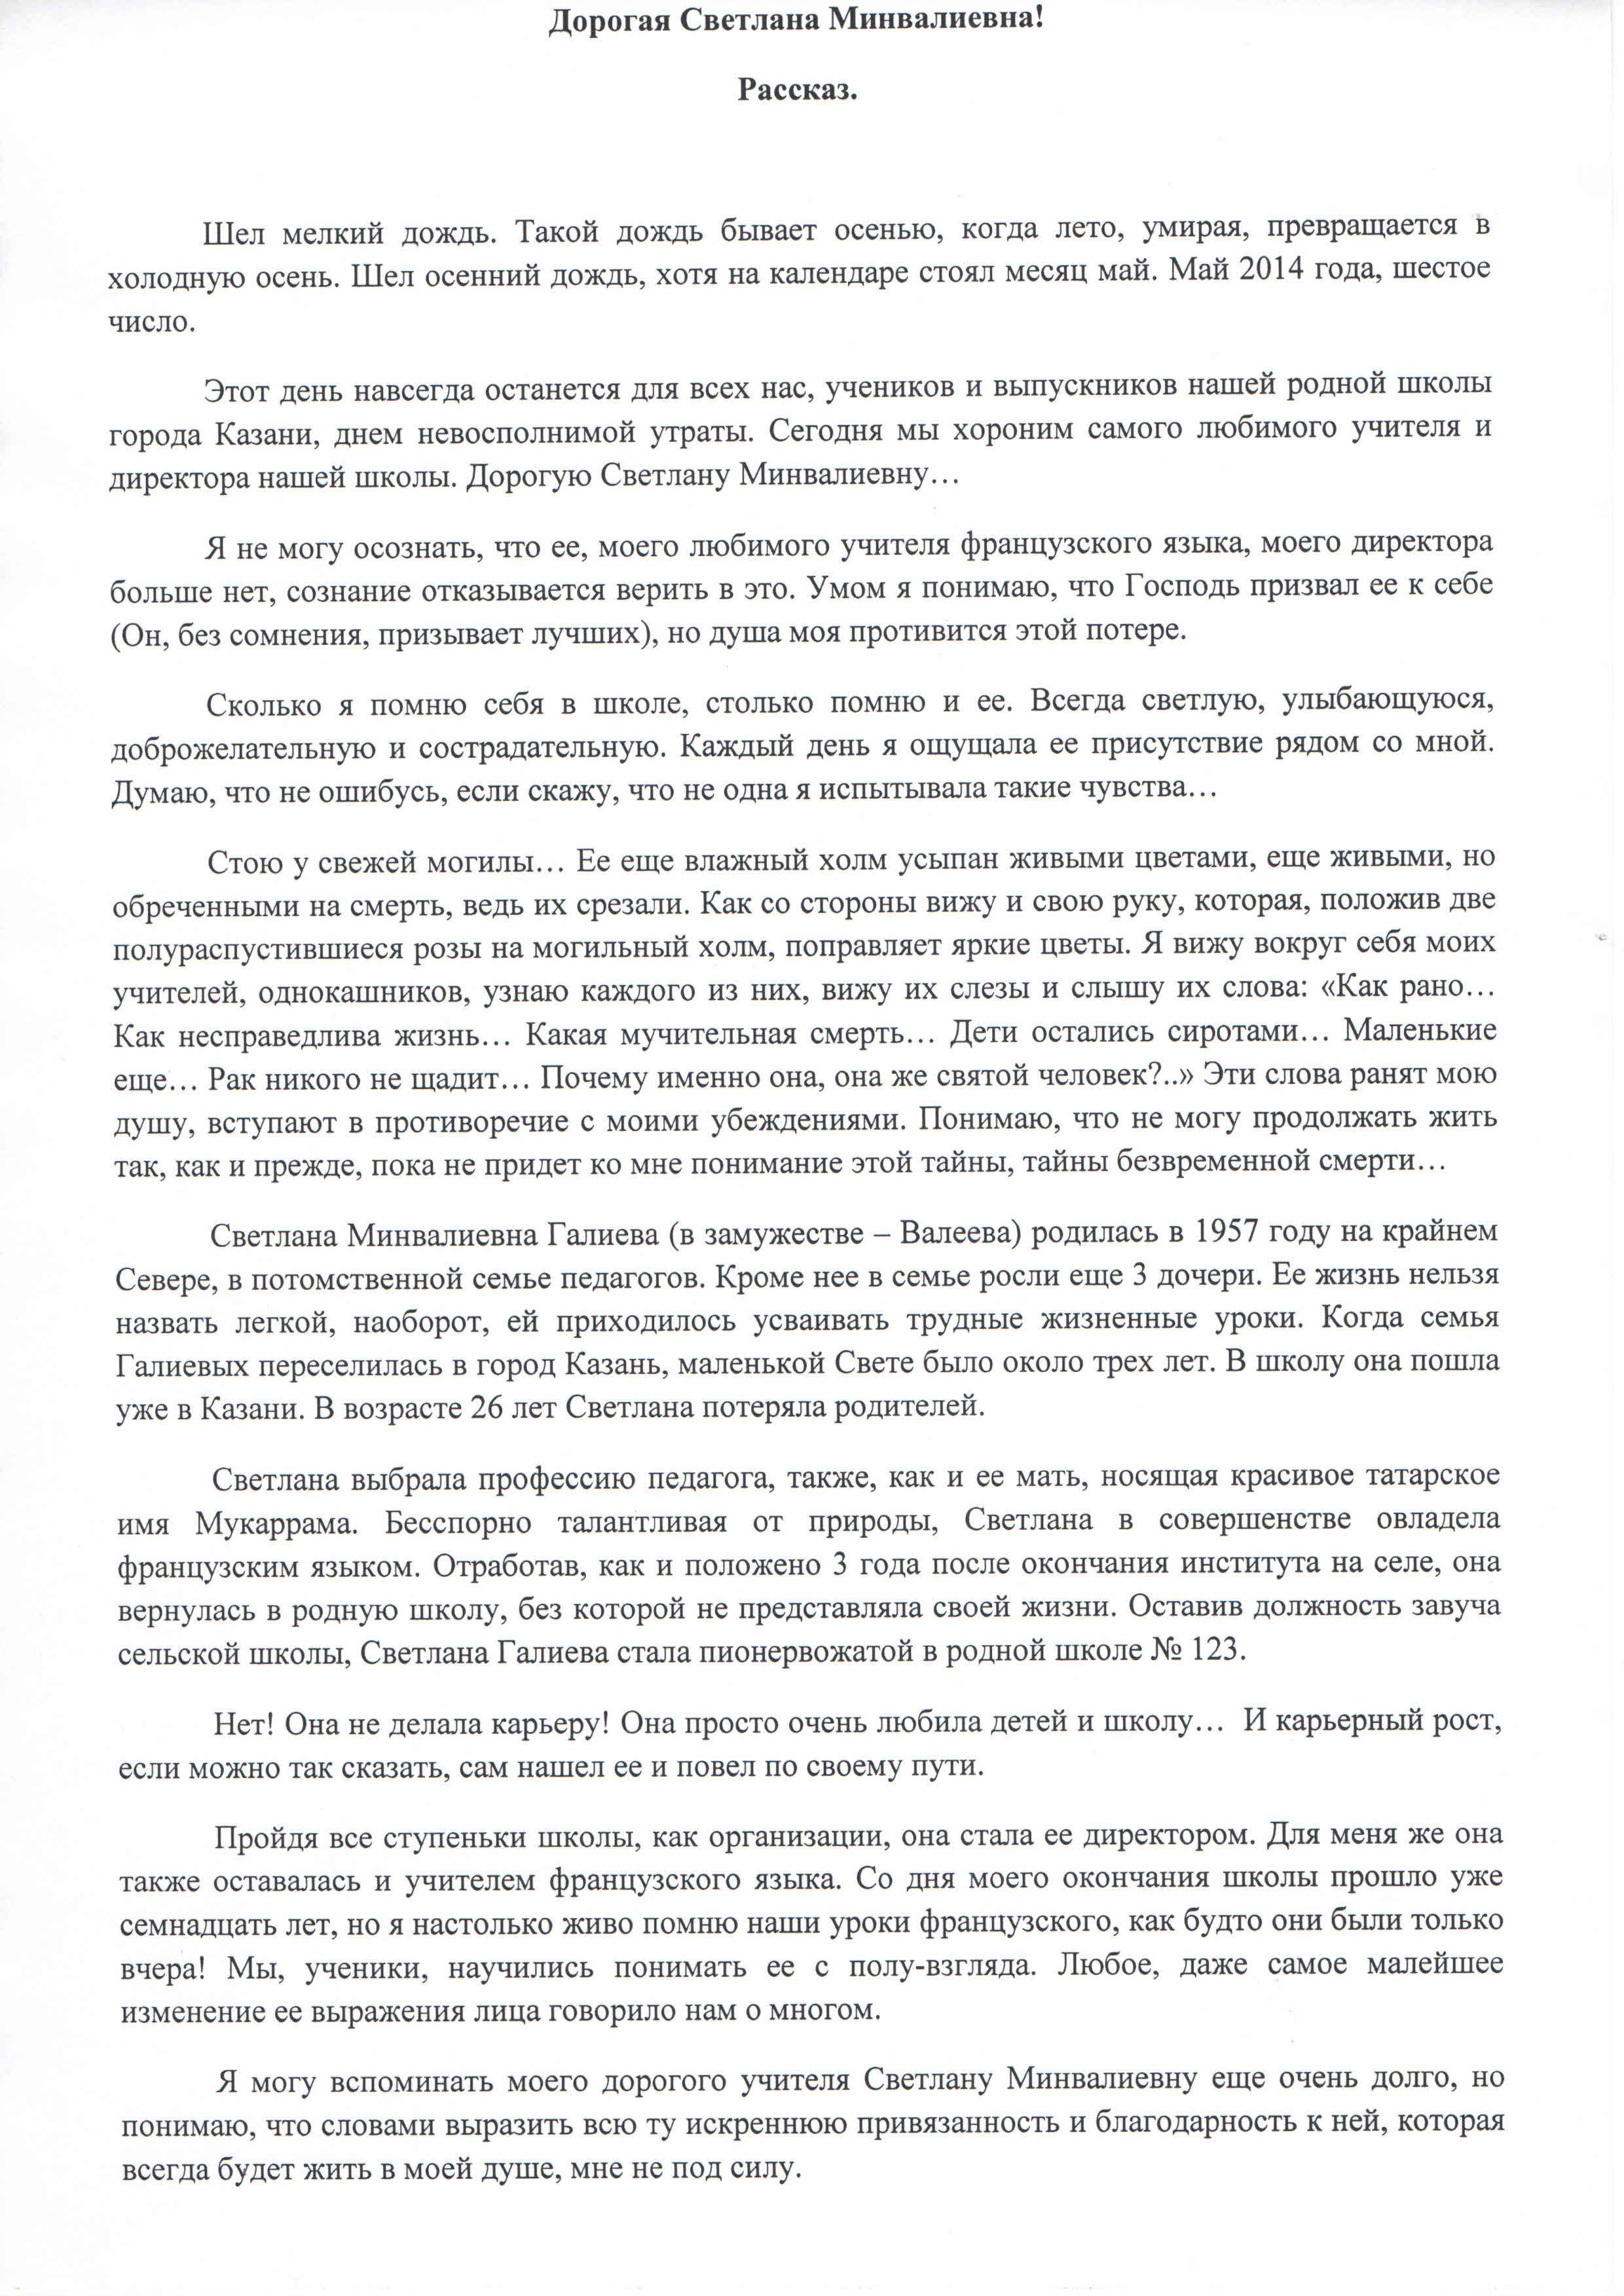 Дорогая Светлана Минвалиевна